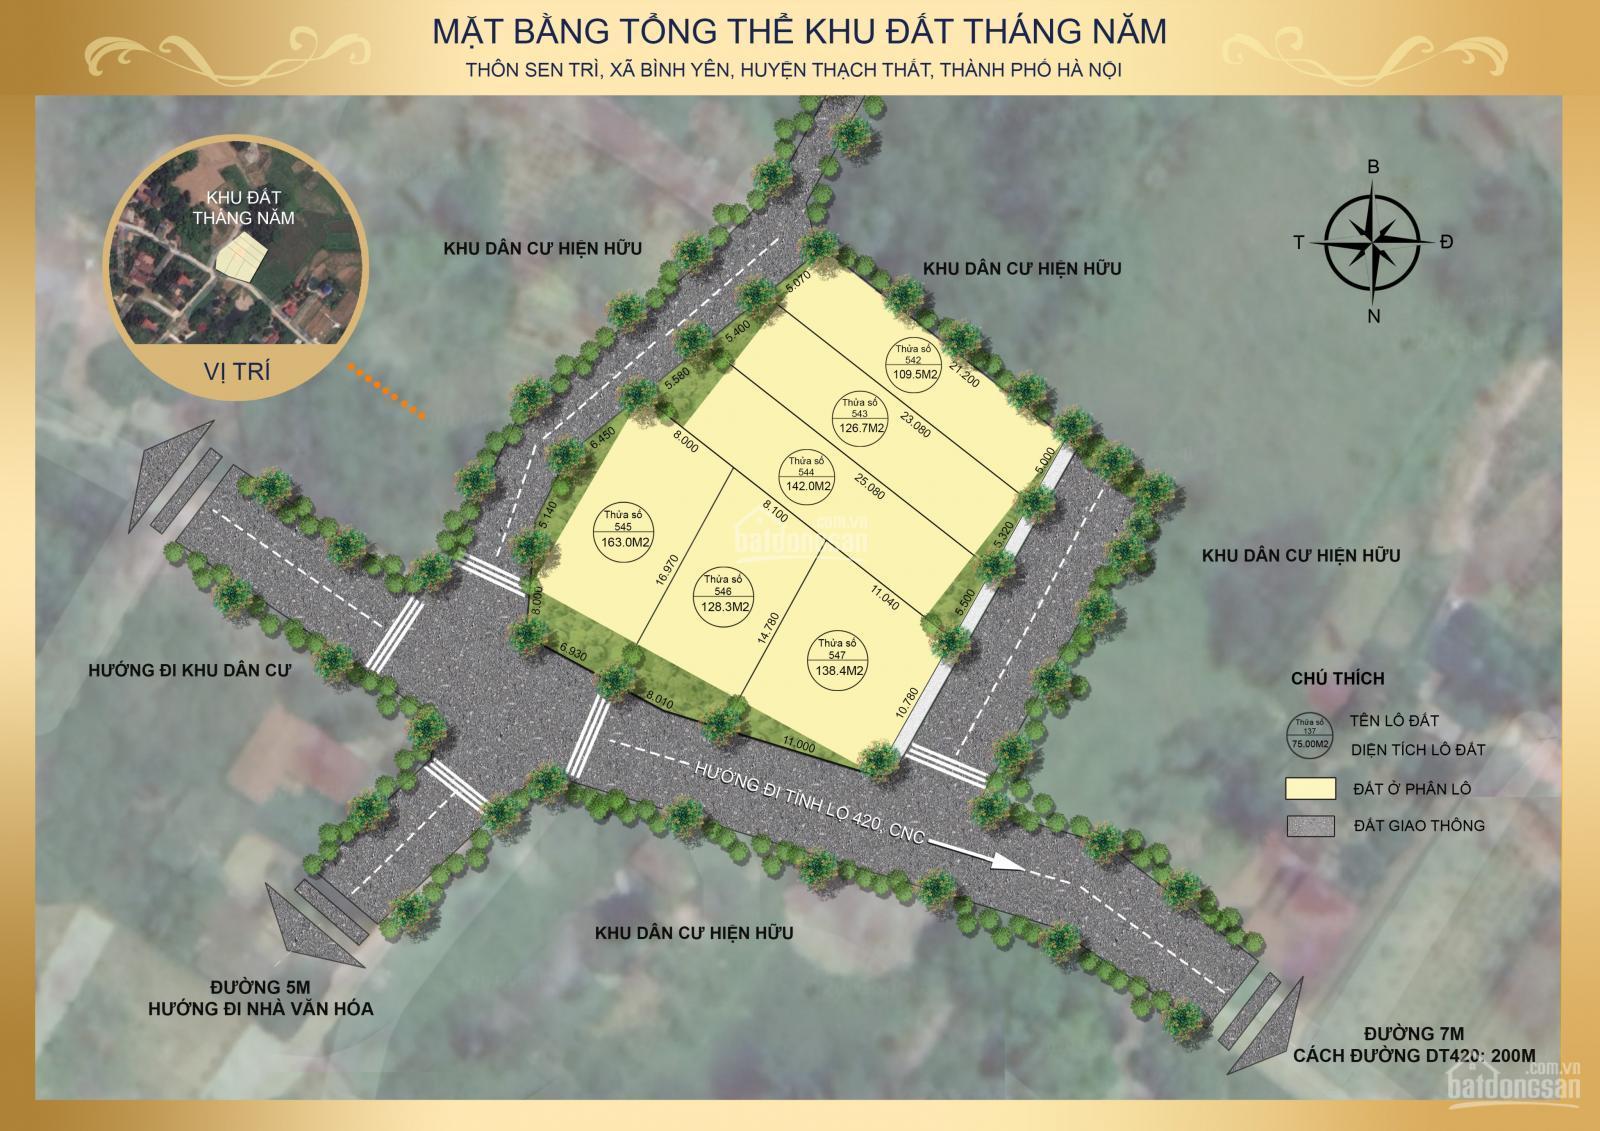 Vị trí 06 lô đất nền thôn Sen Trì, xã Bình Yên, huyện Thạch Thất, TP Hà Nội - Cách Tỉnh lộ 420 200m